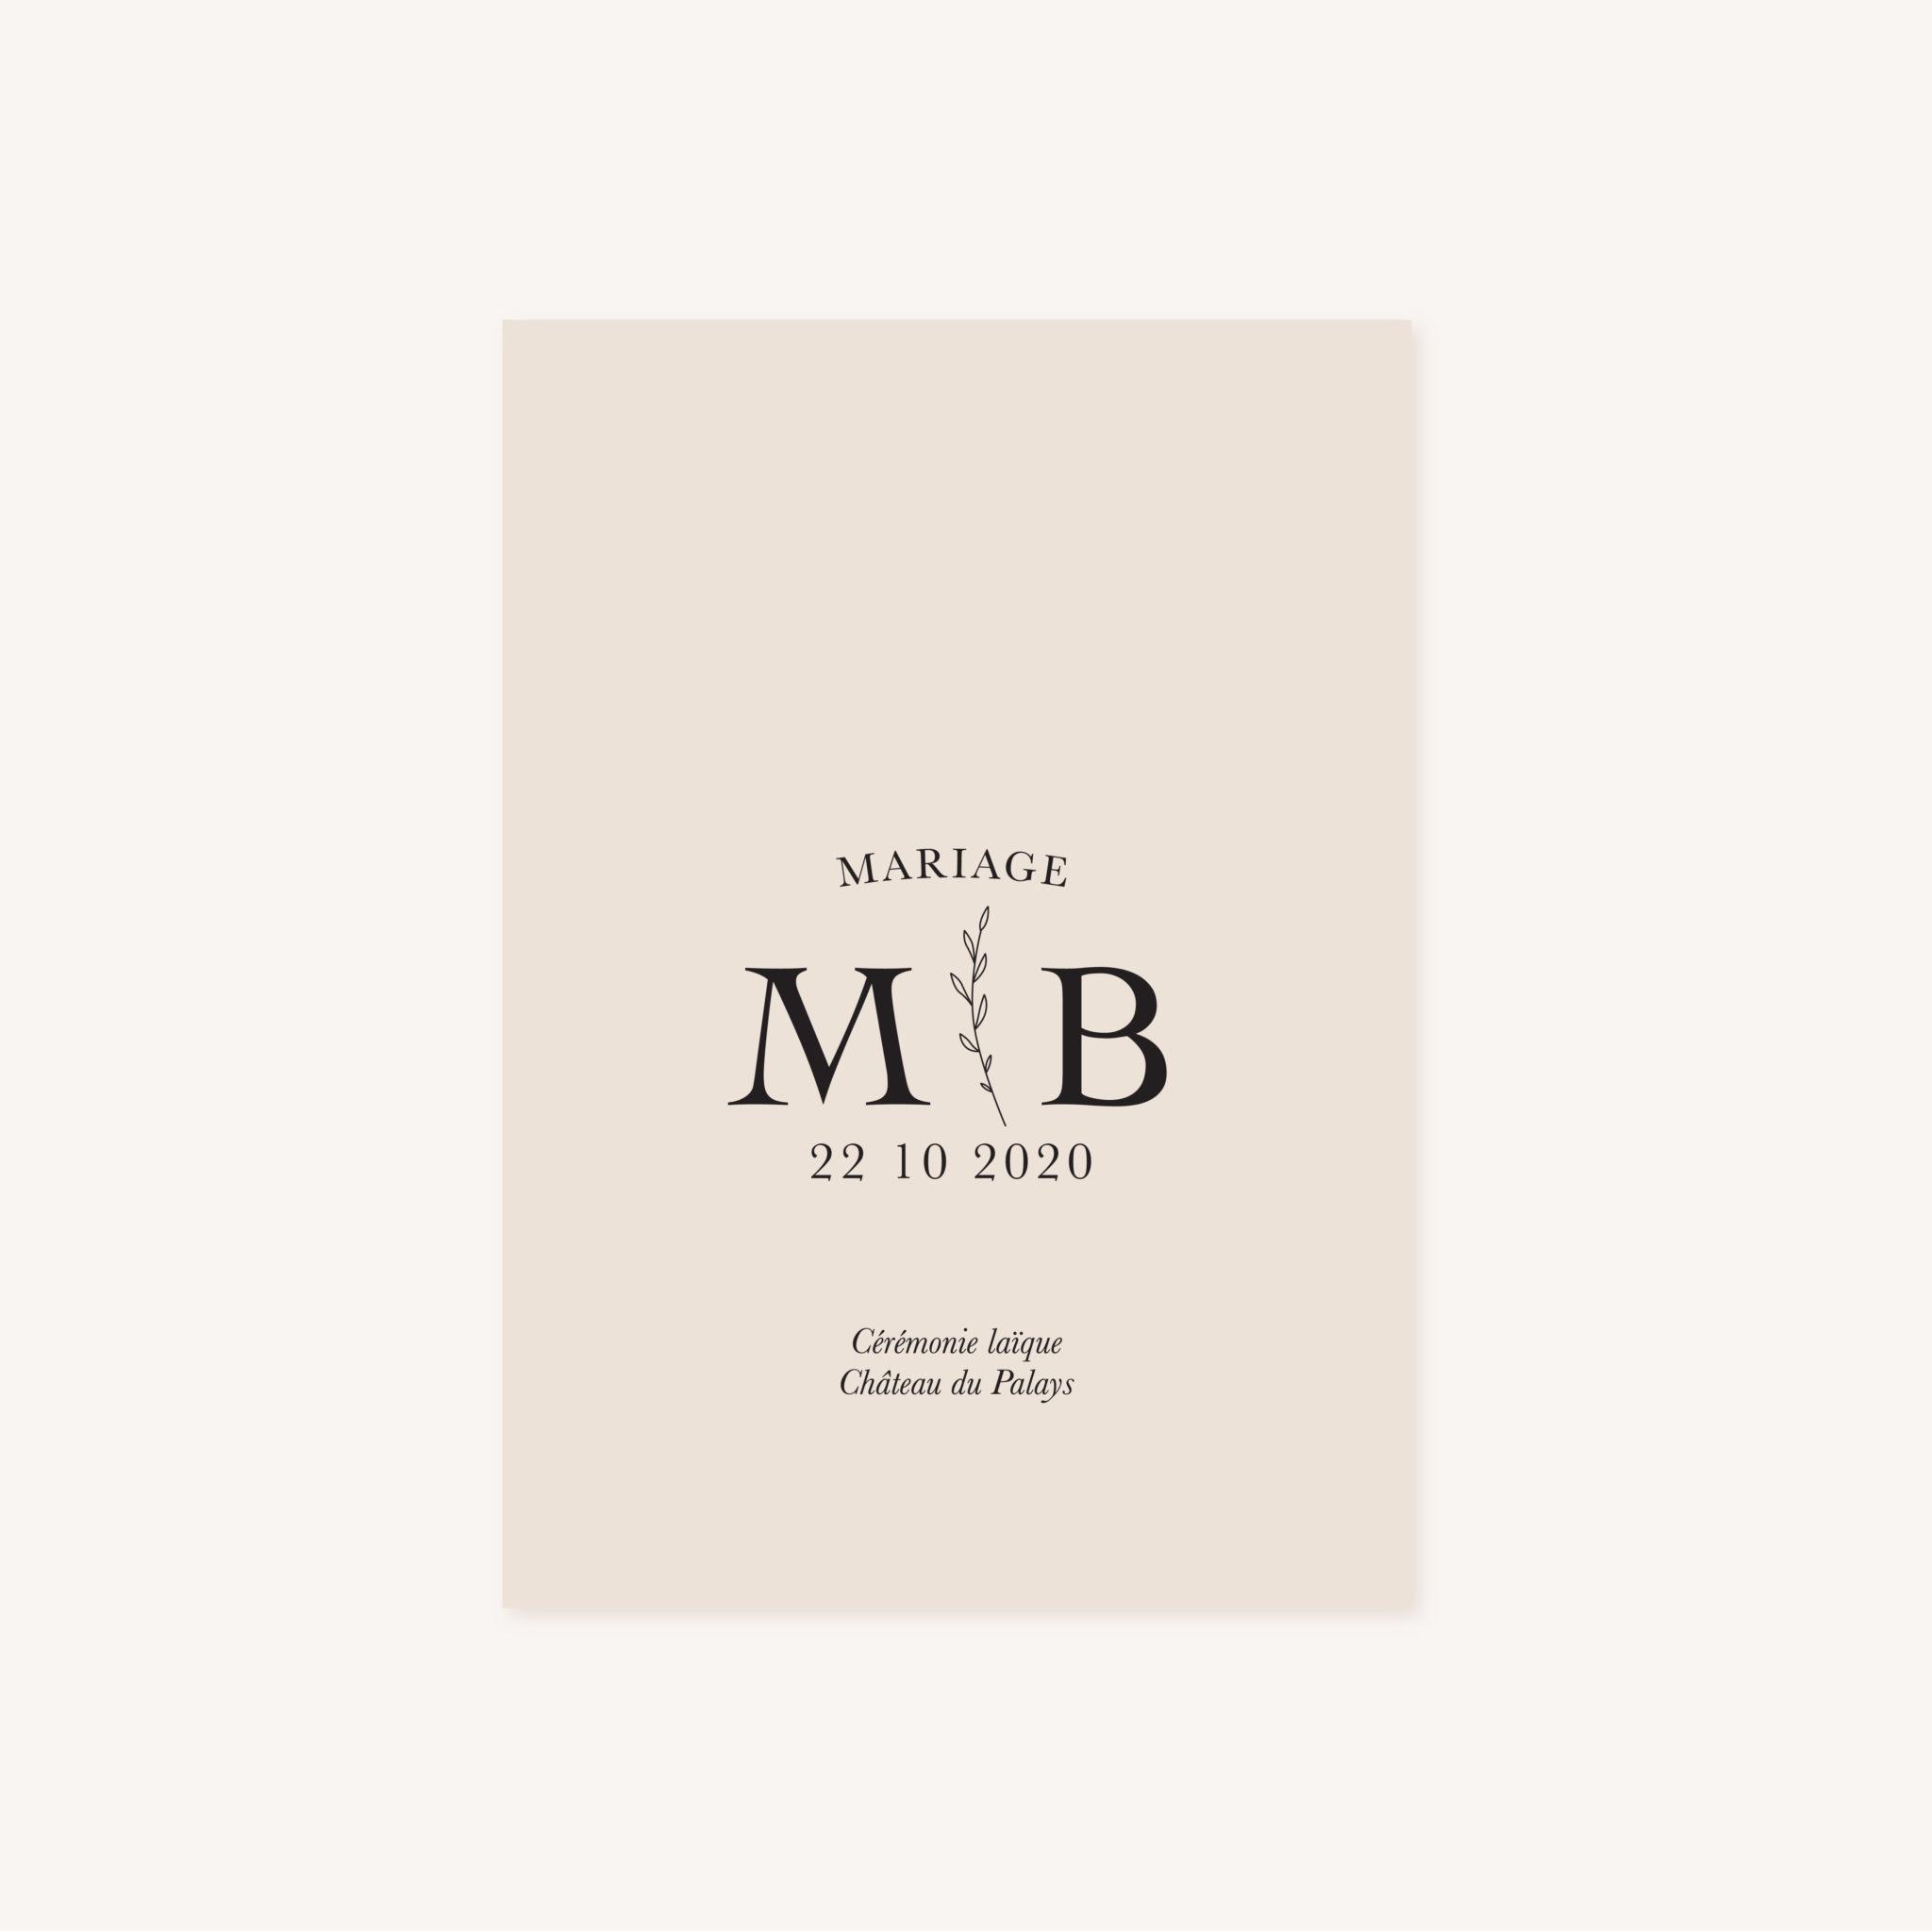 Livret de cérémonie mariage nude rose gris beige élégant sobre